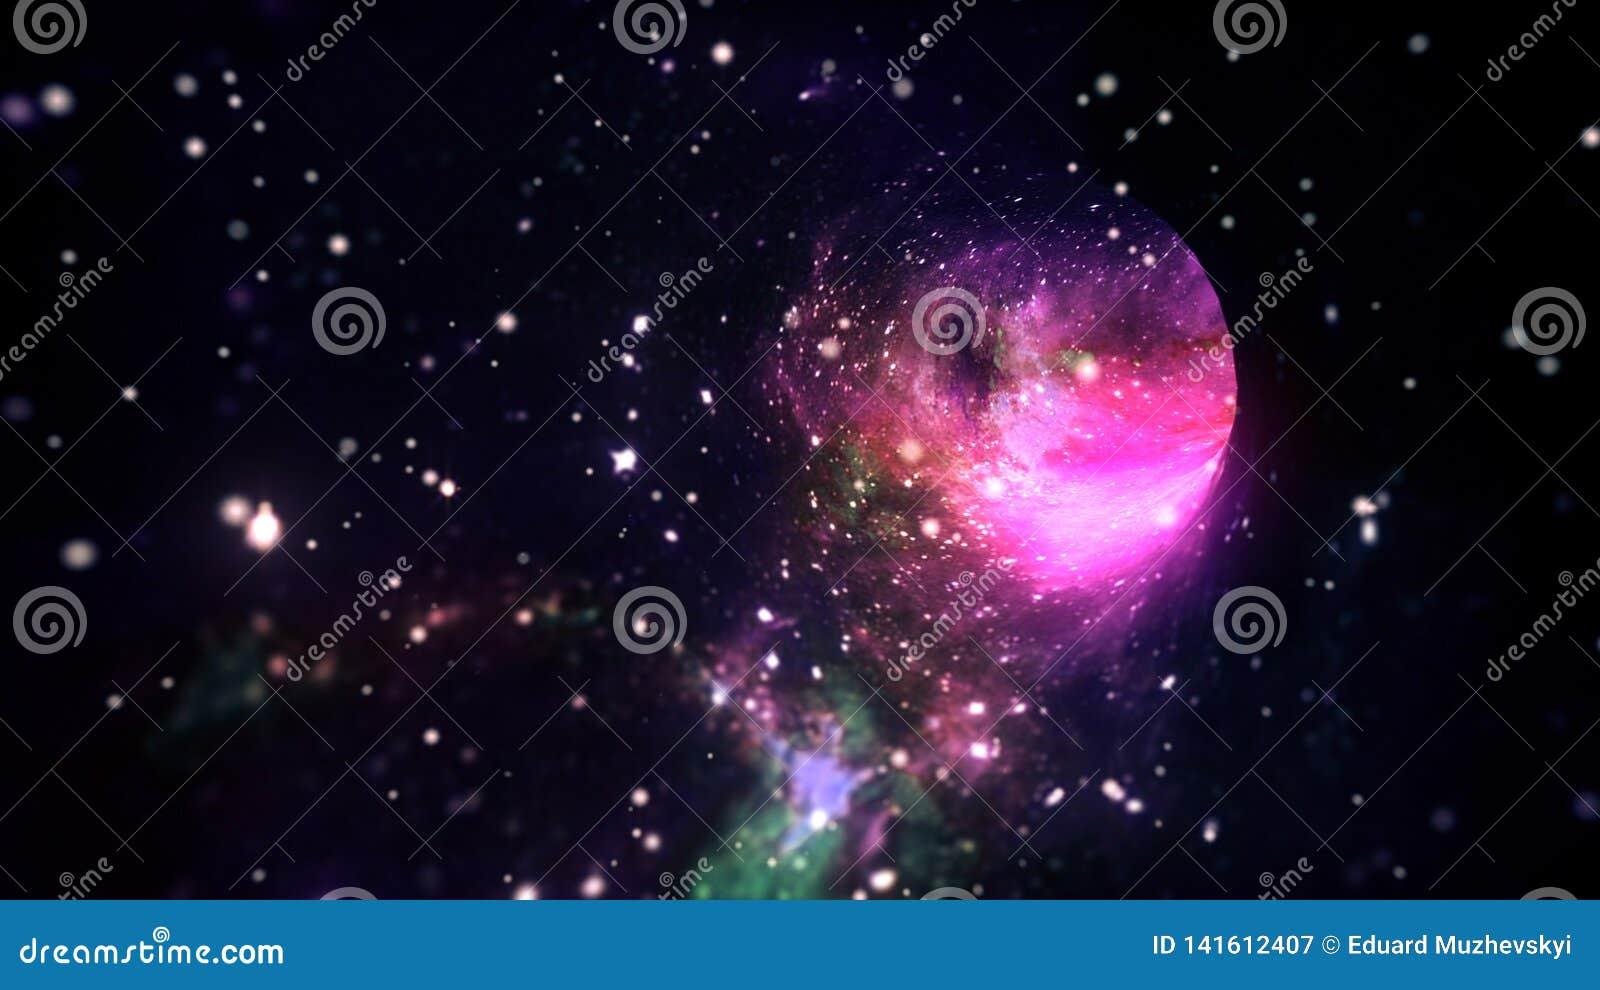 Viaje espacial lightspeed interestelar en portal hyperspace del wormhole con las estrellas